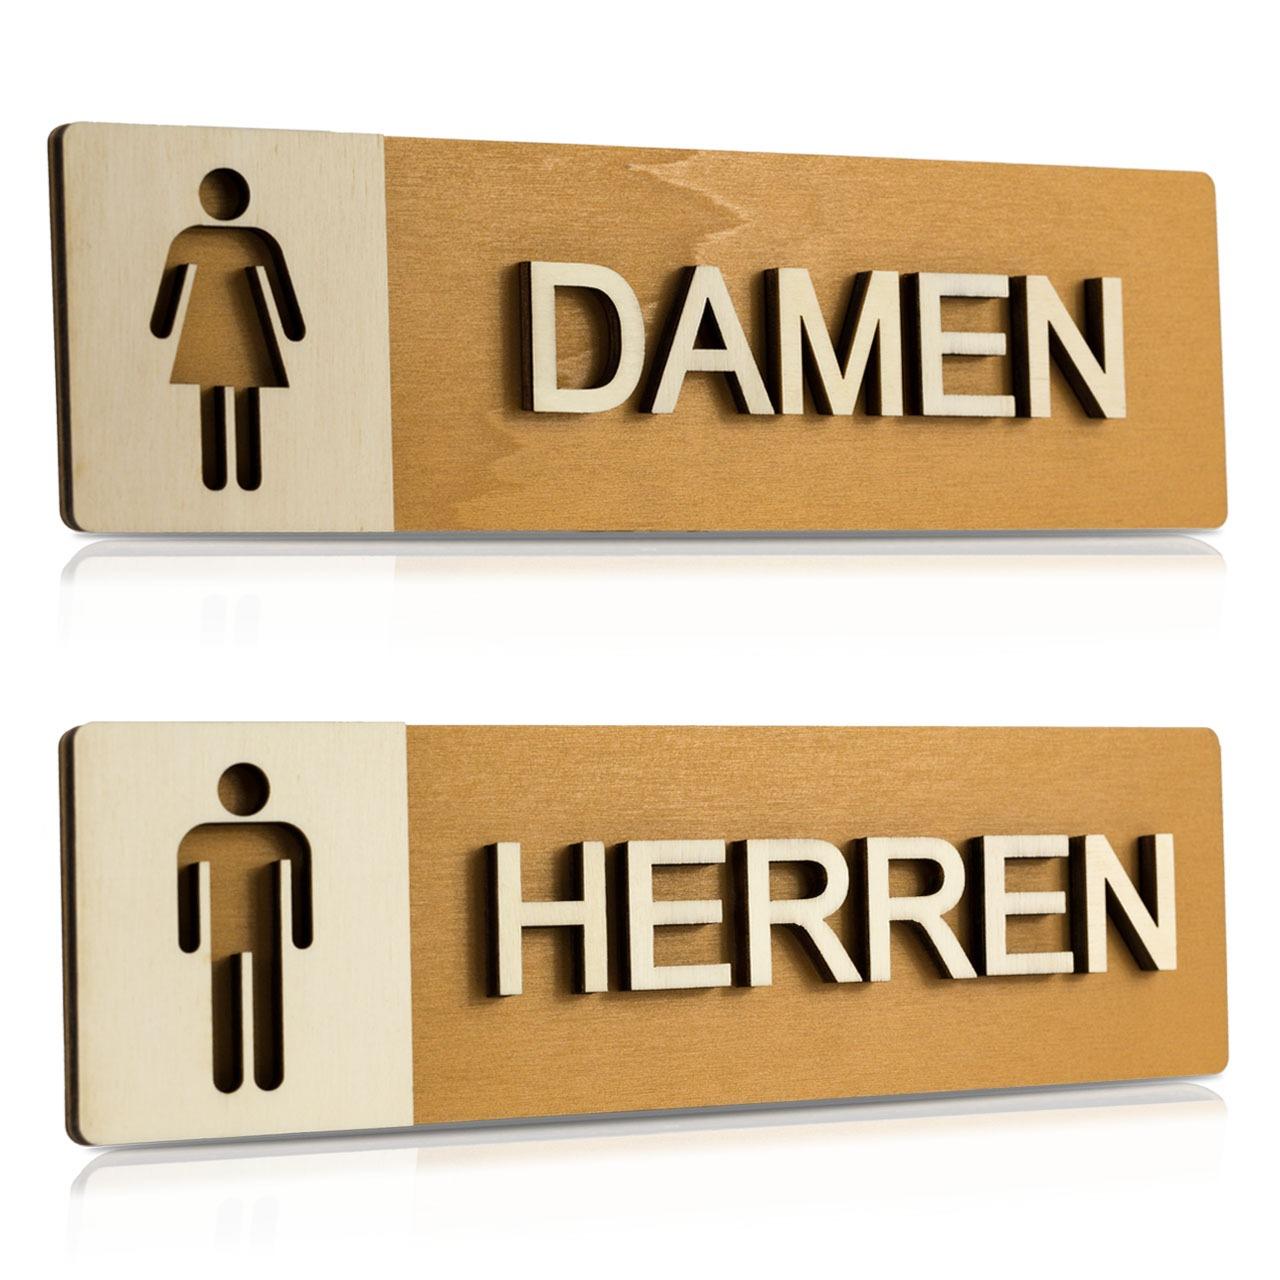 """Holz-Türschilder (Nussbaum hell) """"Damen und Herren"""""""